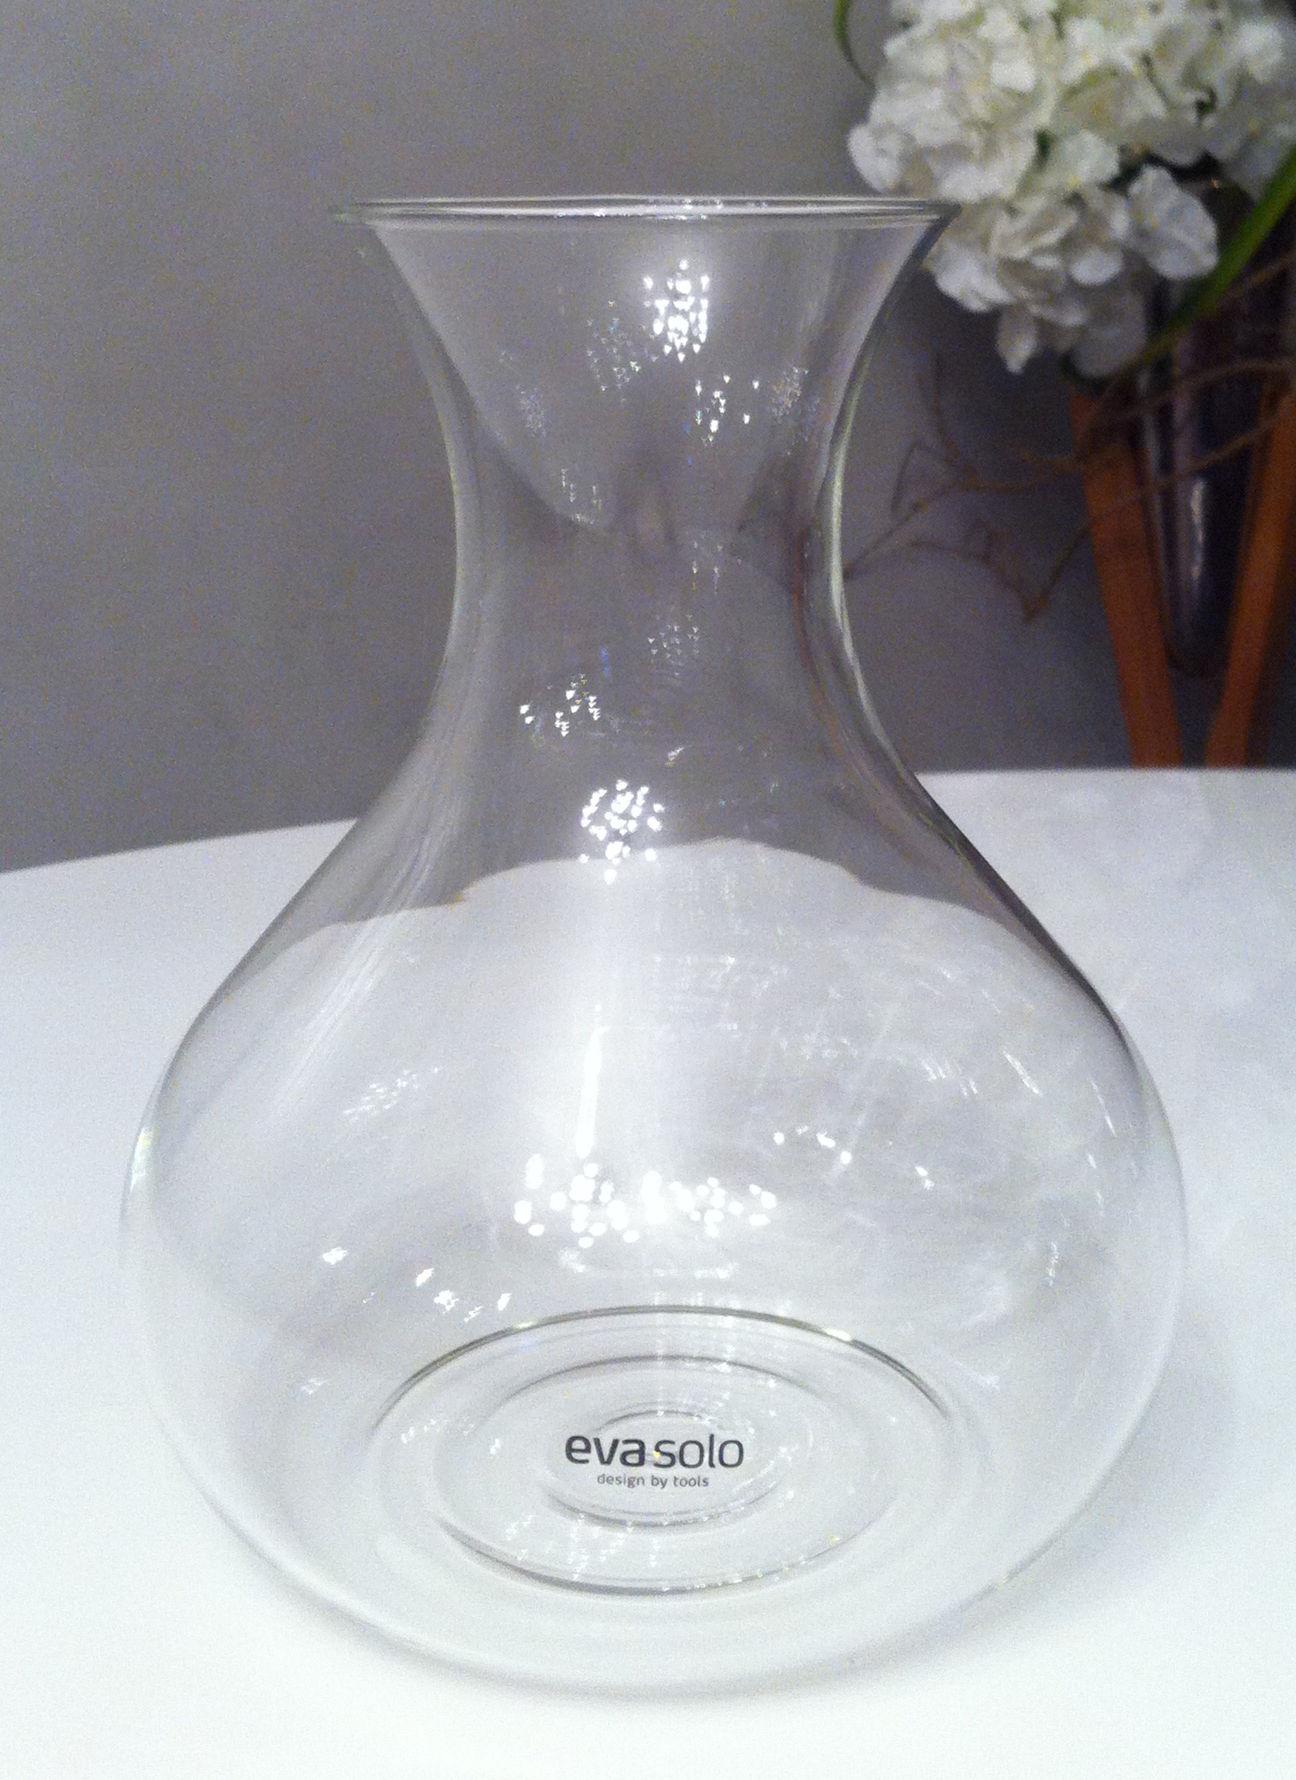 Tableware - Tea & Coffee Accessories - Glasswork - Spare glass part for 1,4 L Eva Solo Tea maker by Eva Solo - Spare glass part - Transparent - Glass